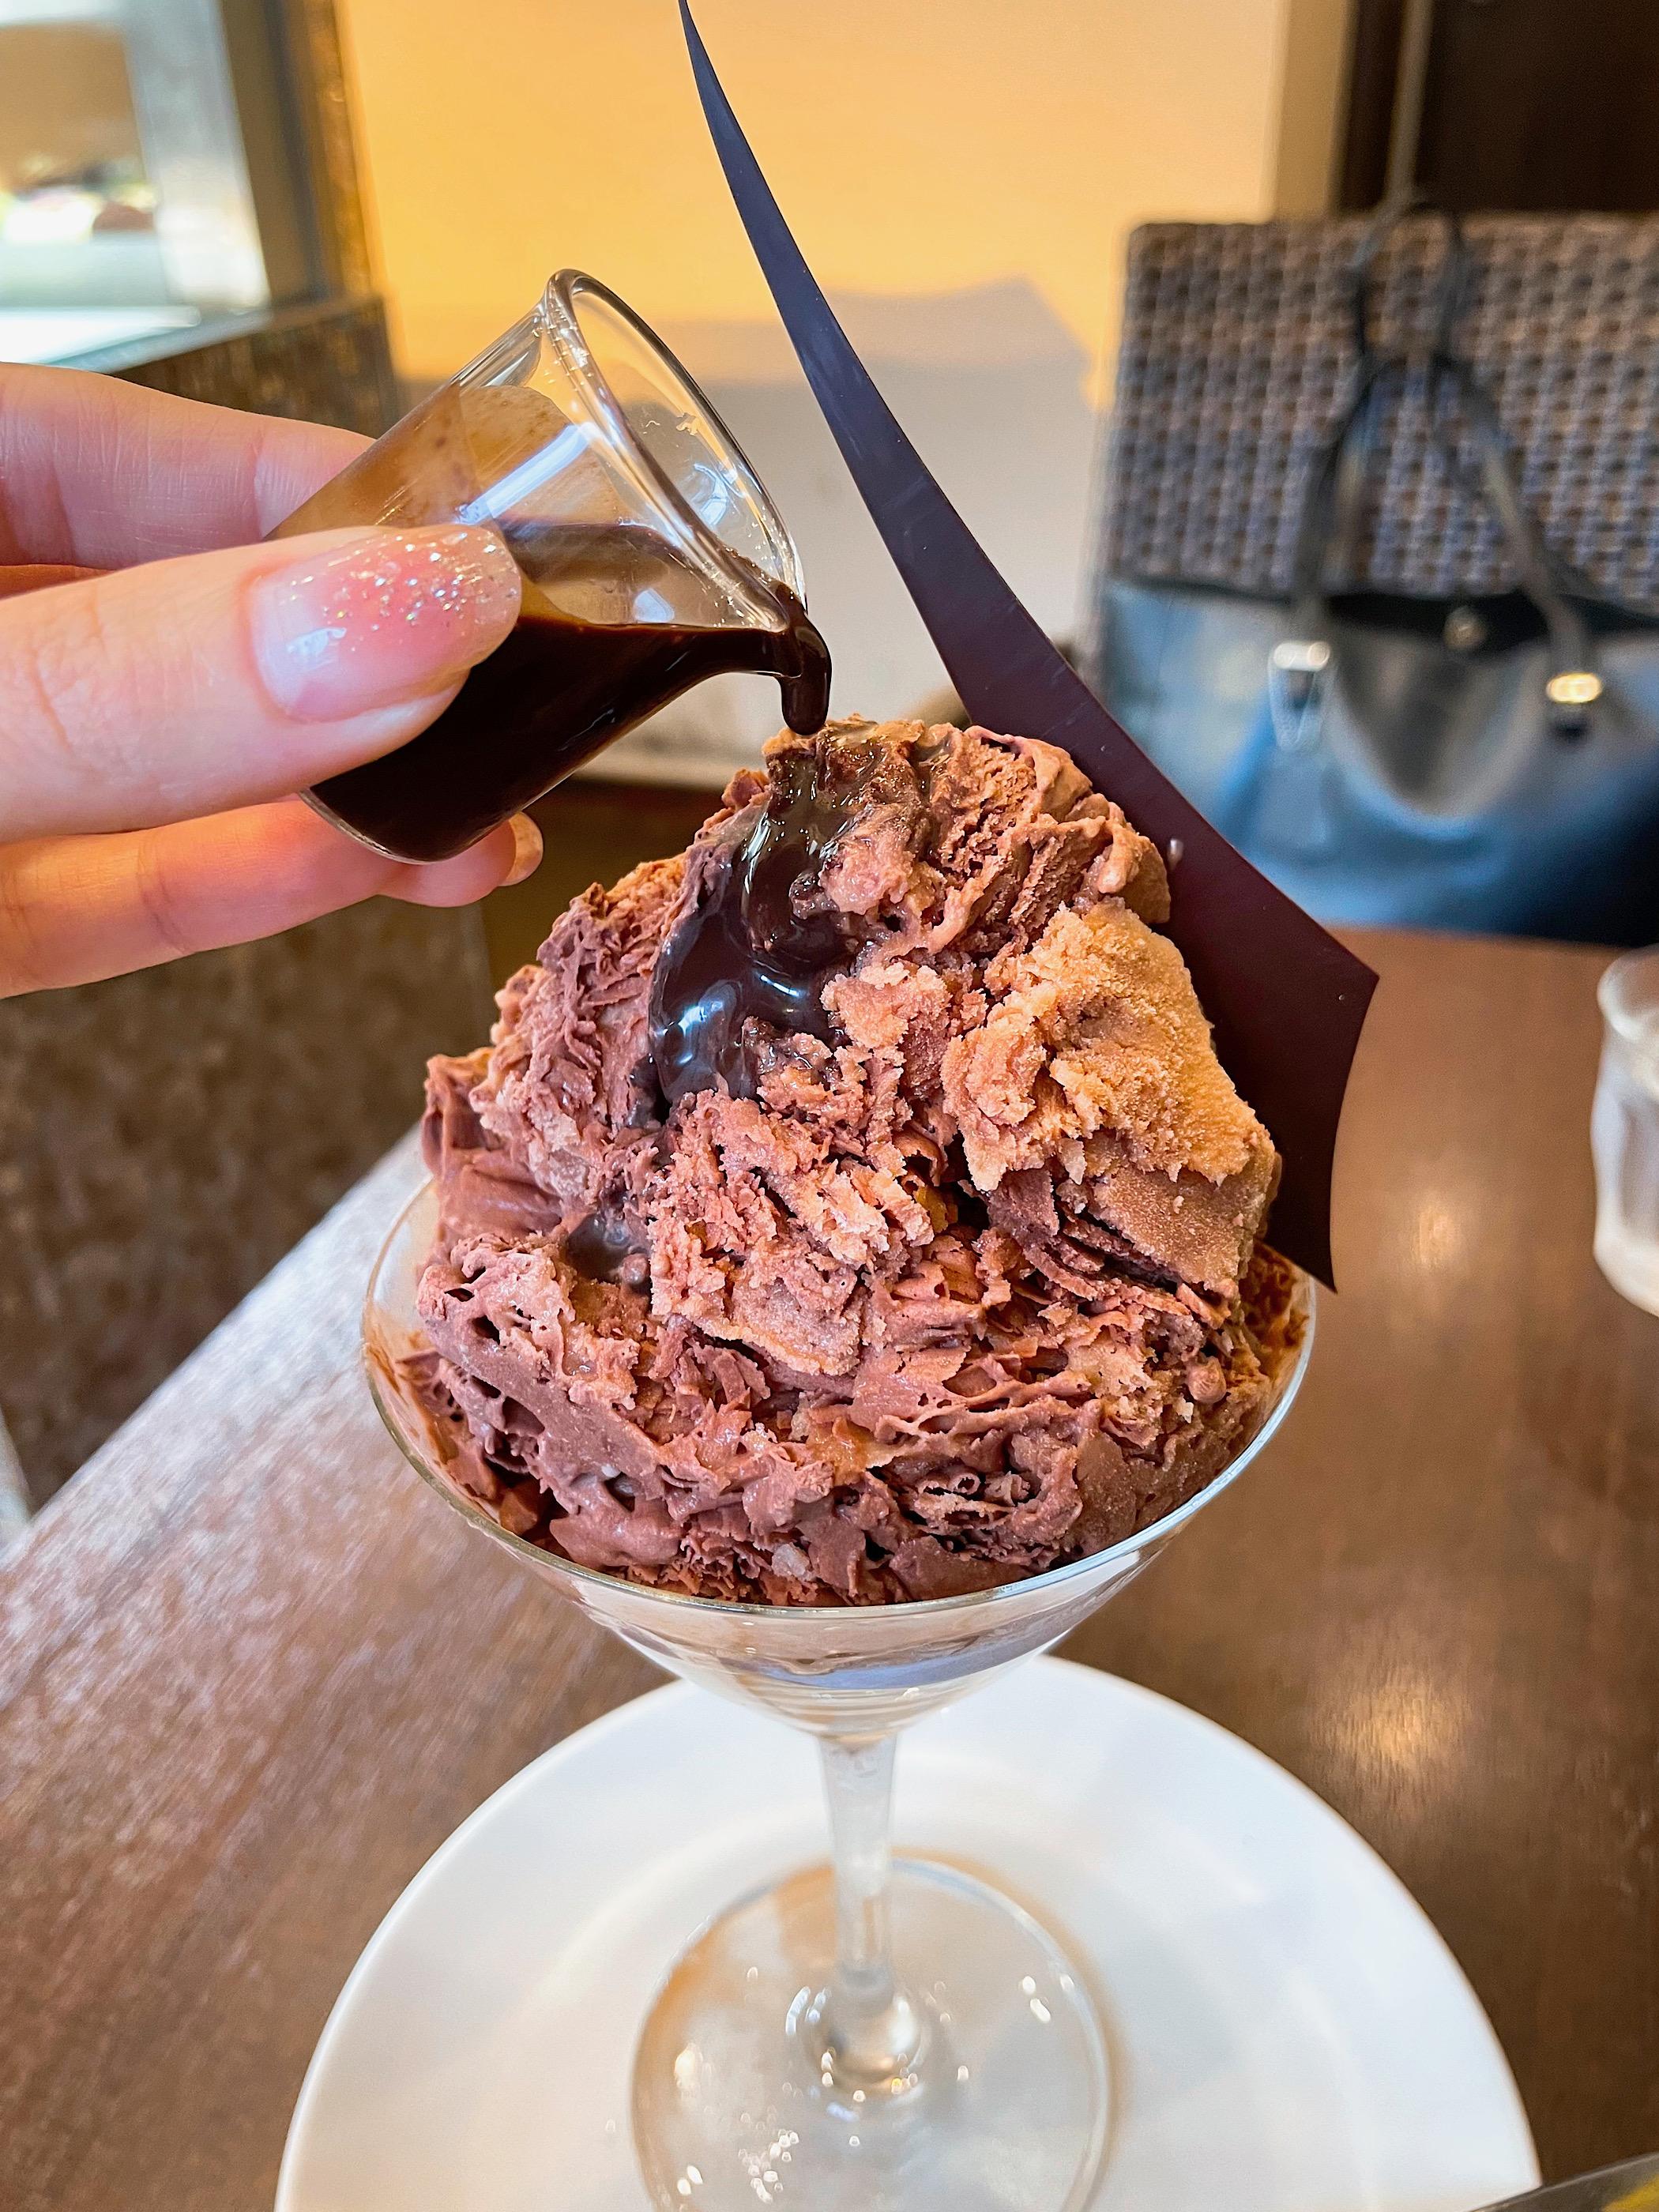 吉祥寺のチョコレート店「プレスキルショコラトリー」のグラニテ・ショコラ